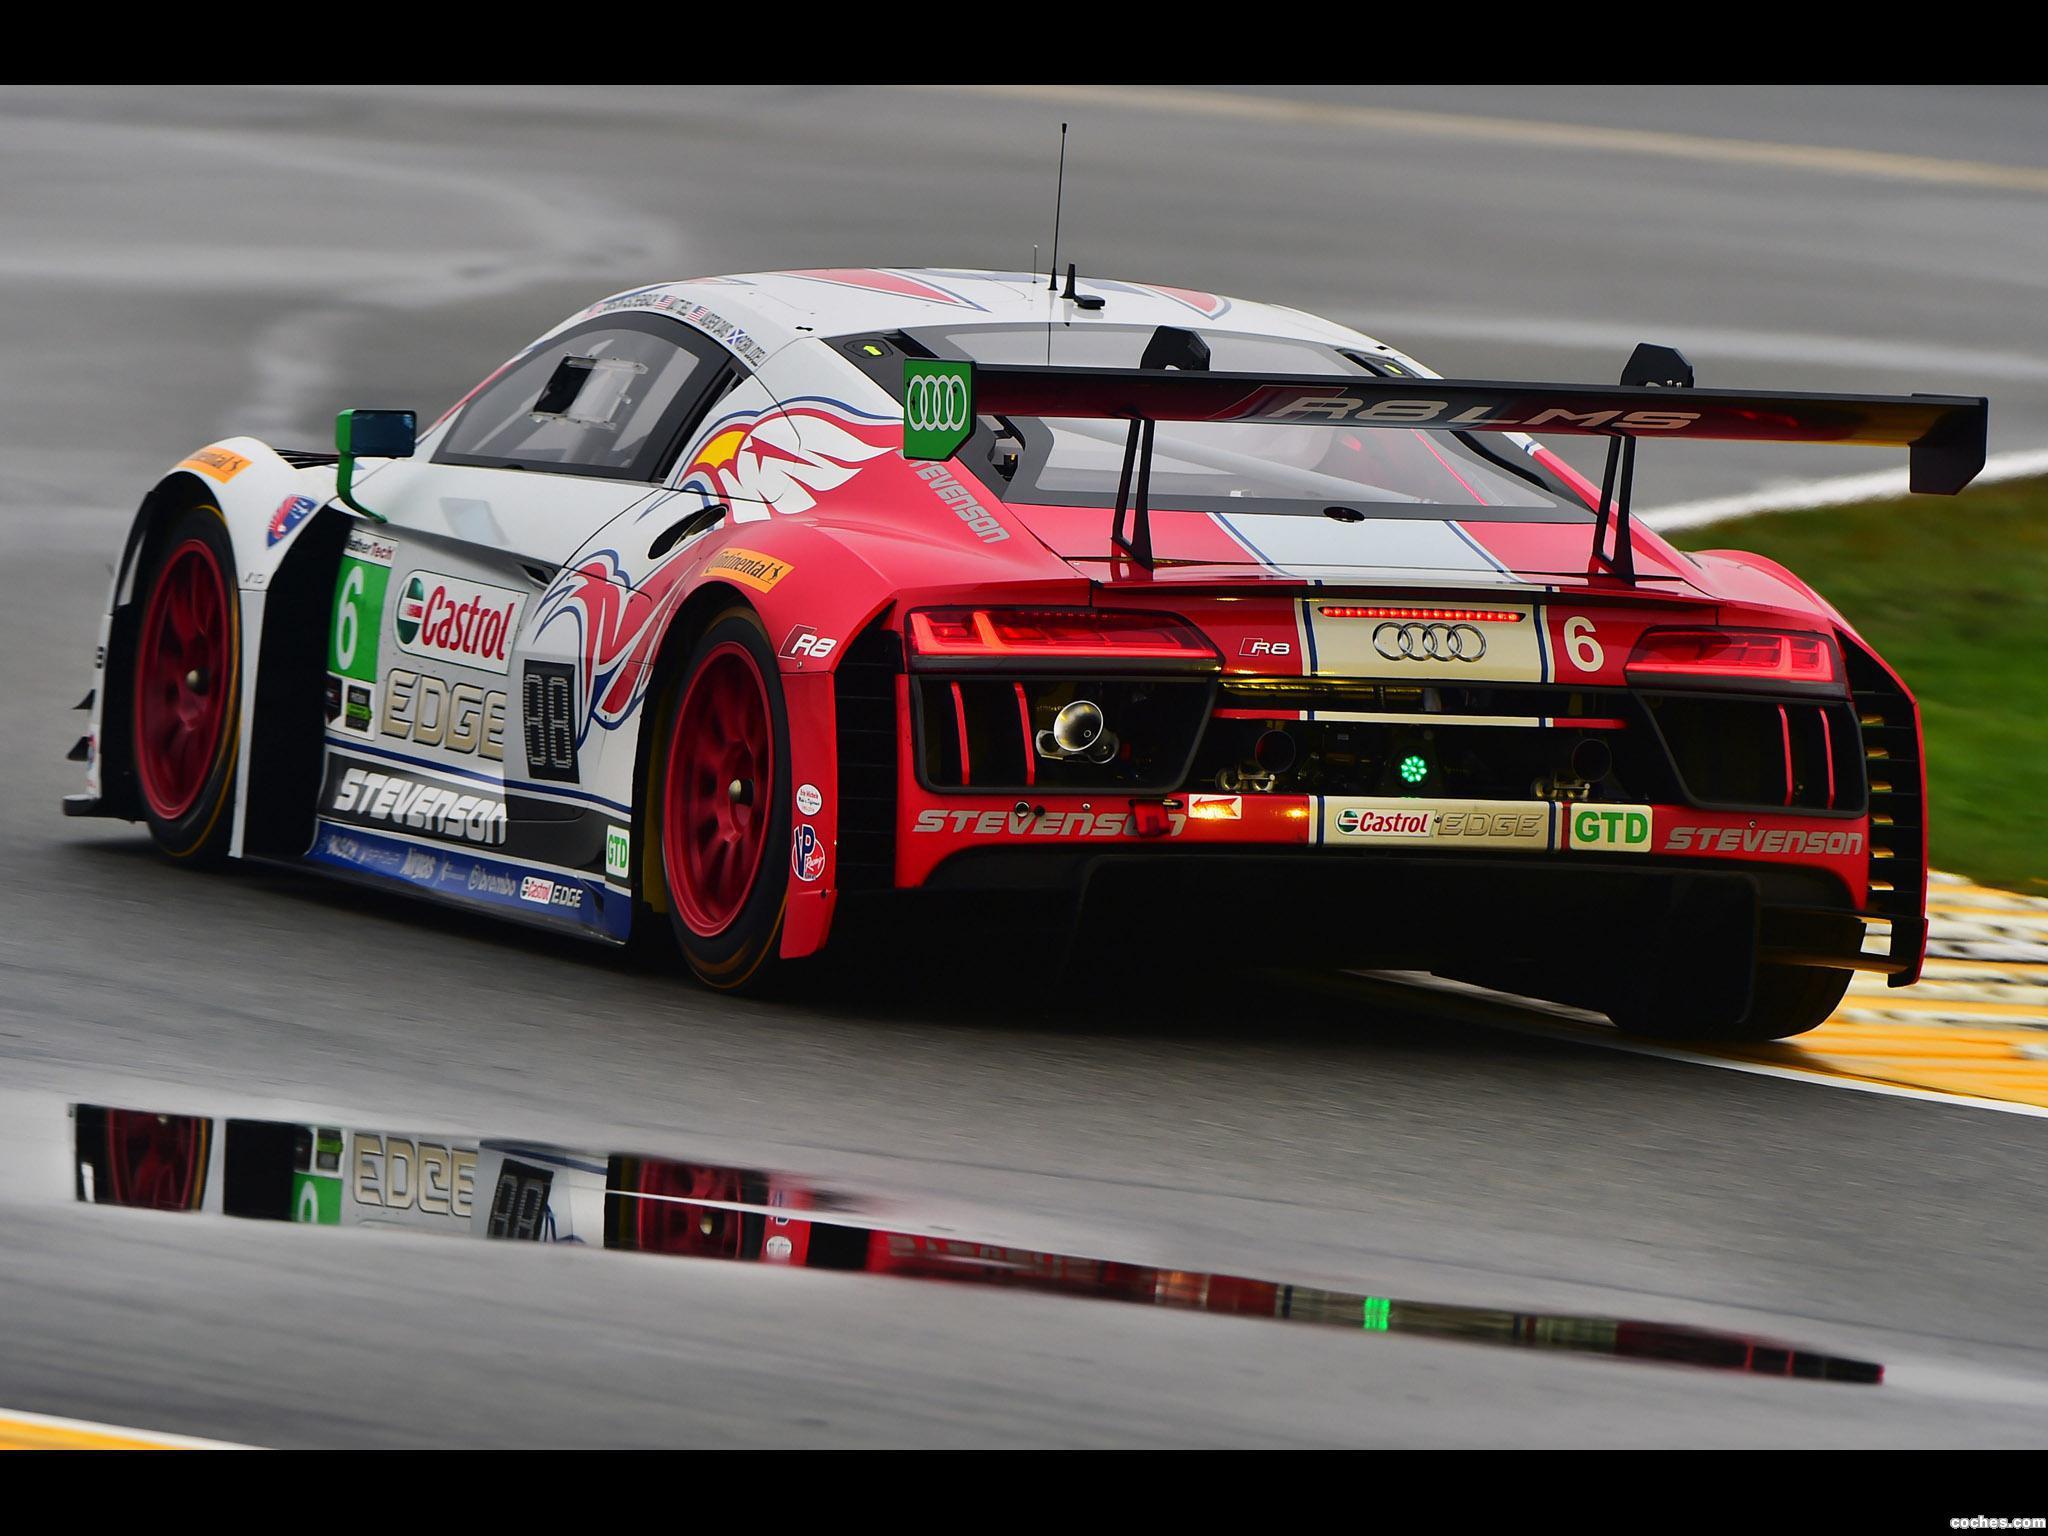 Foto 9 de Audi R8 LMS 2015